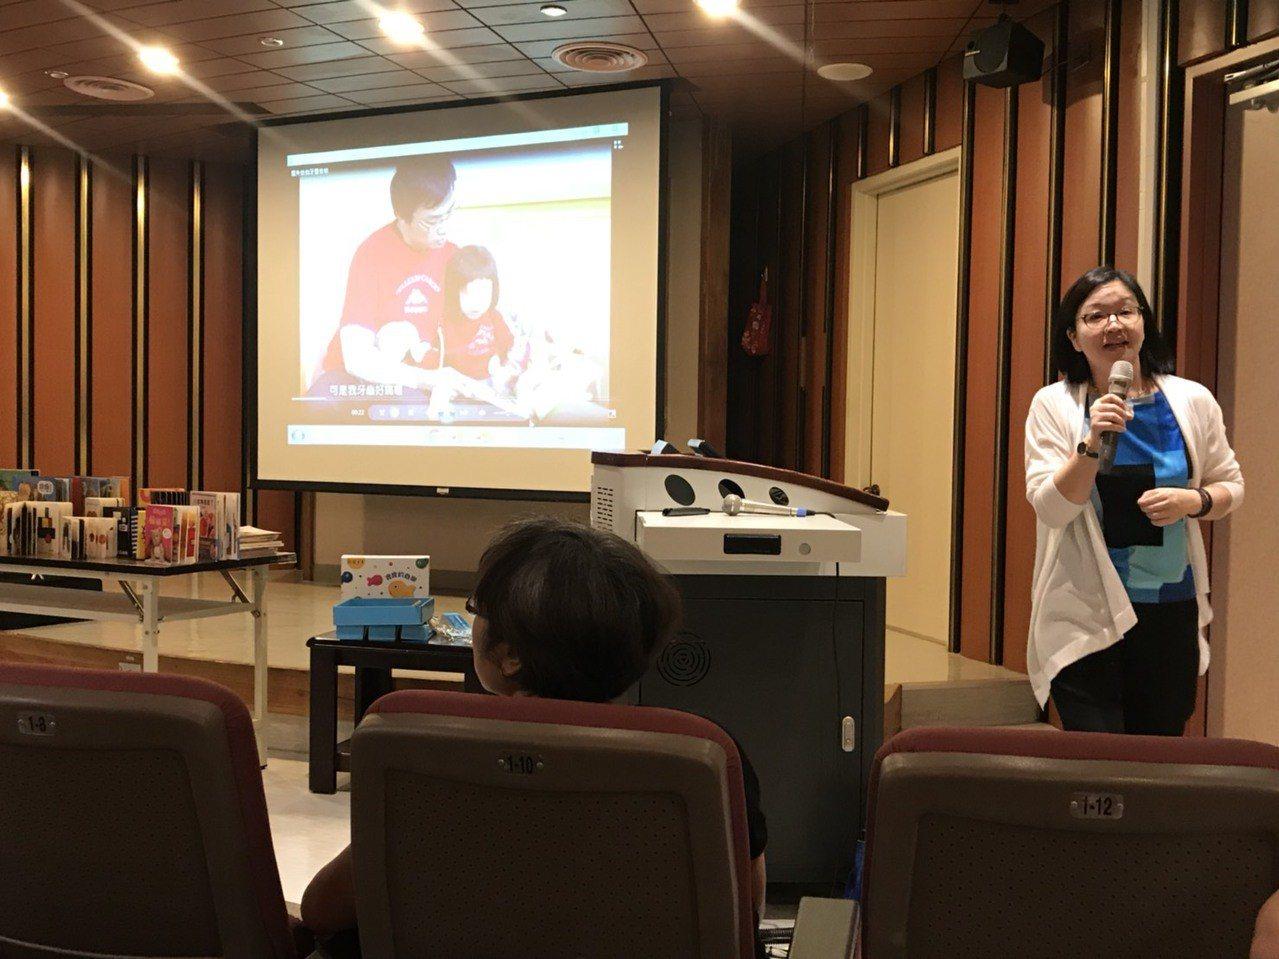 信誼基金會體驗長暨總編輯廖瑞文表示,0至3歲是建立親子依戀關係的重要時期,透過讀...